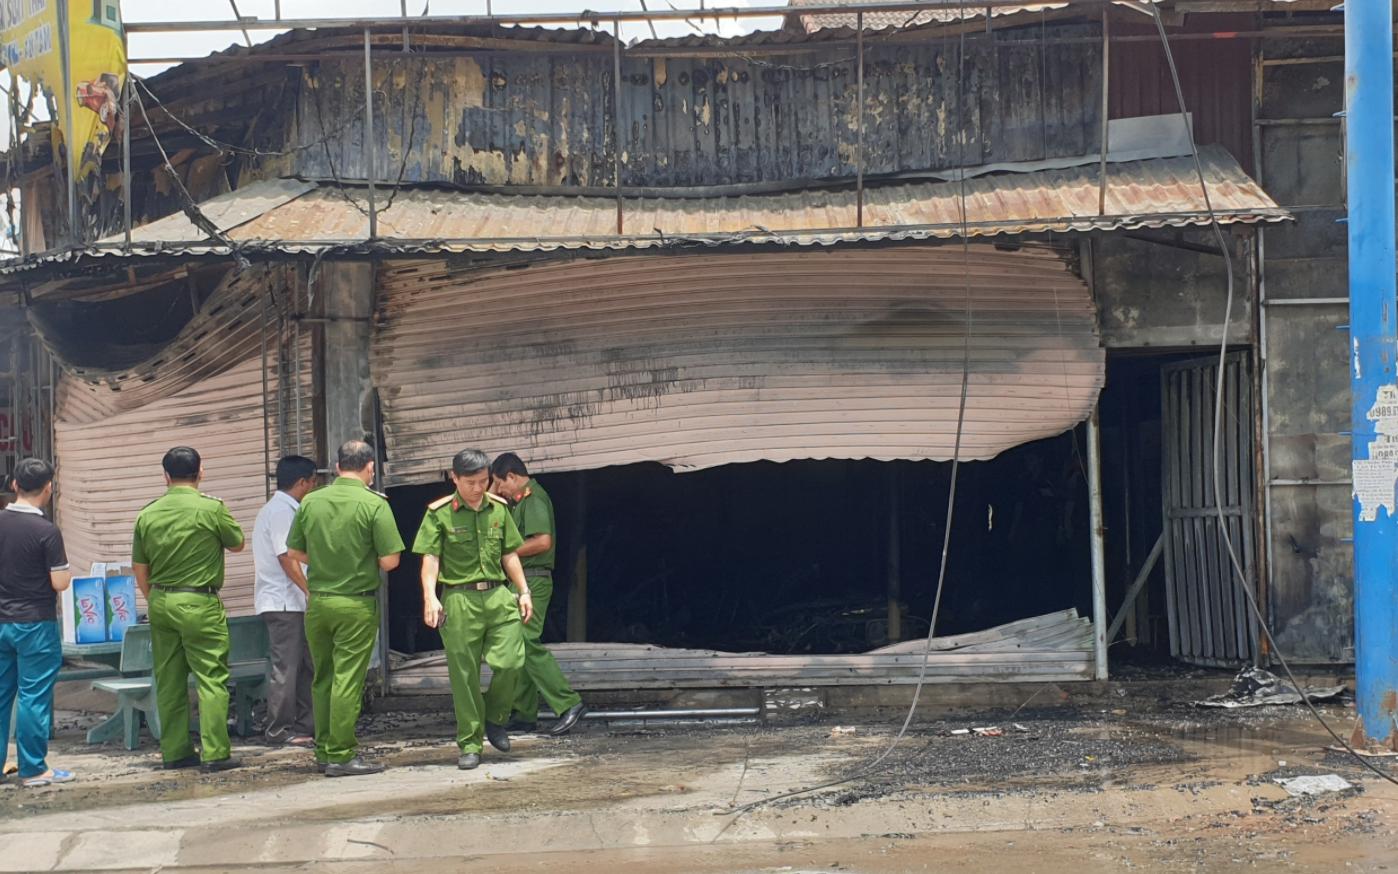 Bình Dương: Cháy tiệm cầm đồ giữa ban ngày, 2 vợ chồng và con trai tử vong thương tâm